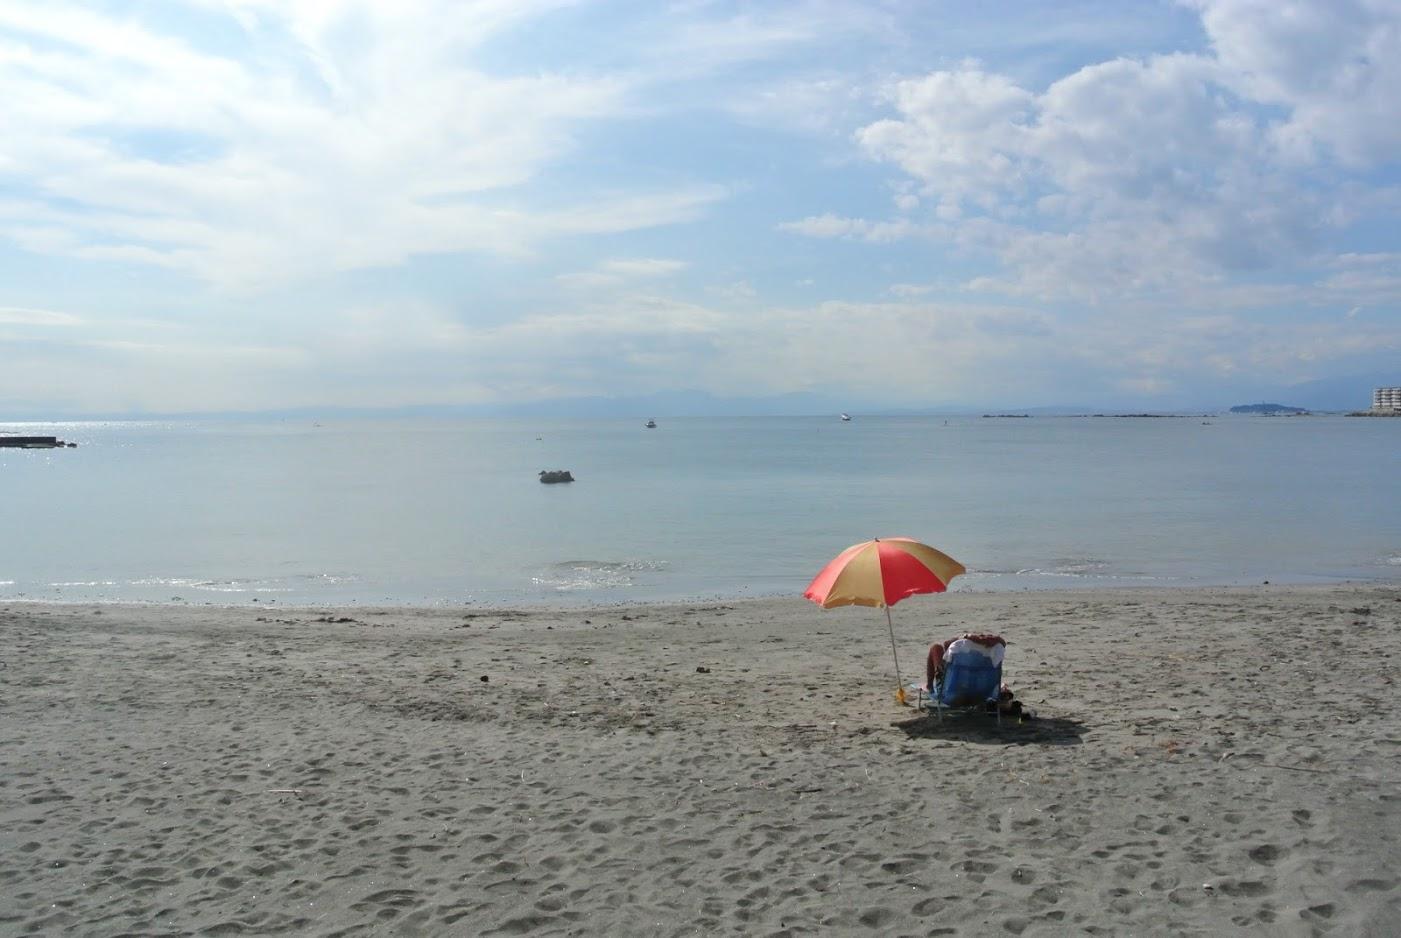 葉山の秋冬の海は、透き通ってとても穏やか。過ごしやすい気候だから、海散歩が楽しい。